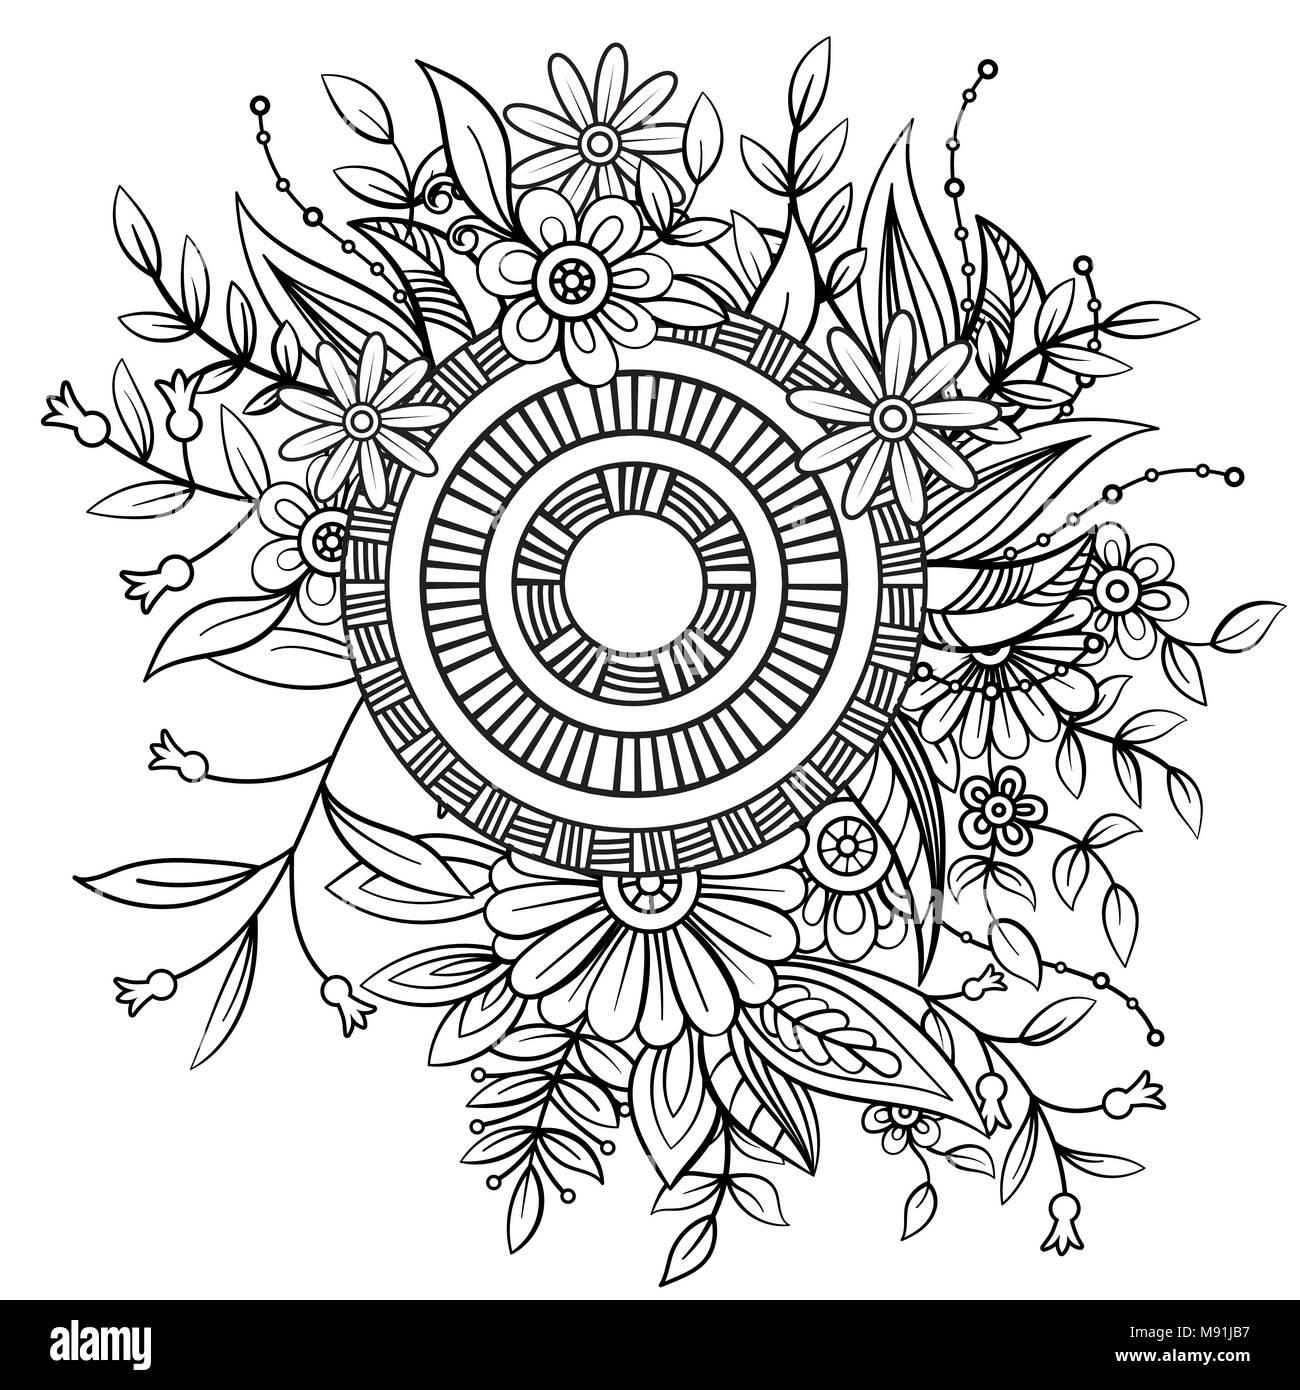 Mandala florale Muster in Schwarz und Weiß. Nach Malbuch Seite mit Blumen und Mandalas. Orientalische Muster, Vintage dekorative Elemente. Stockbild